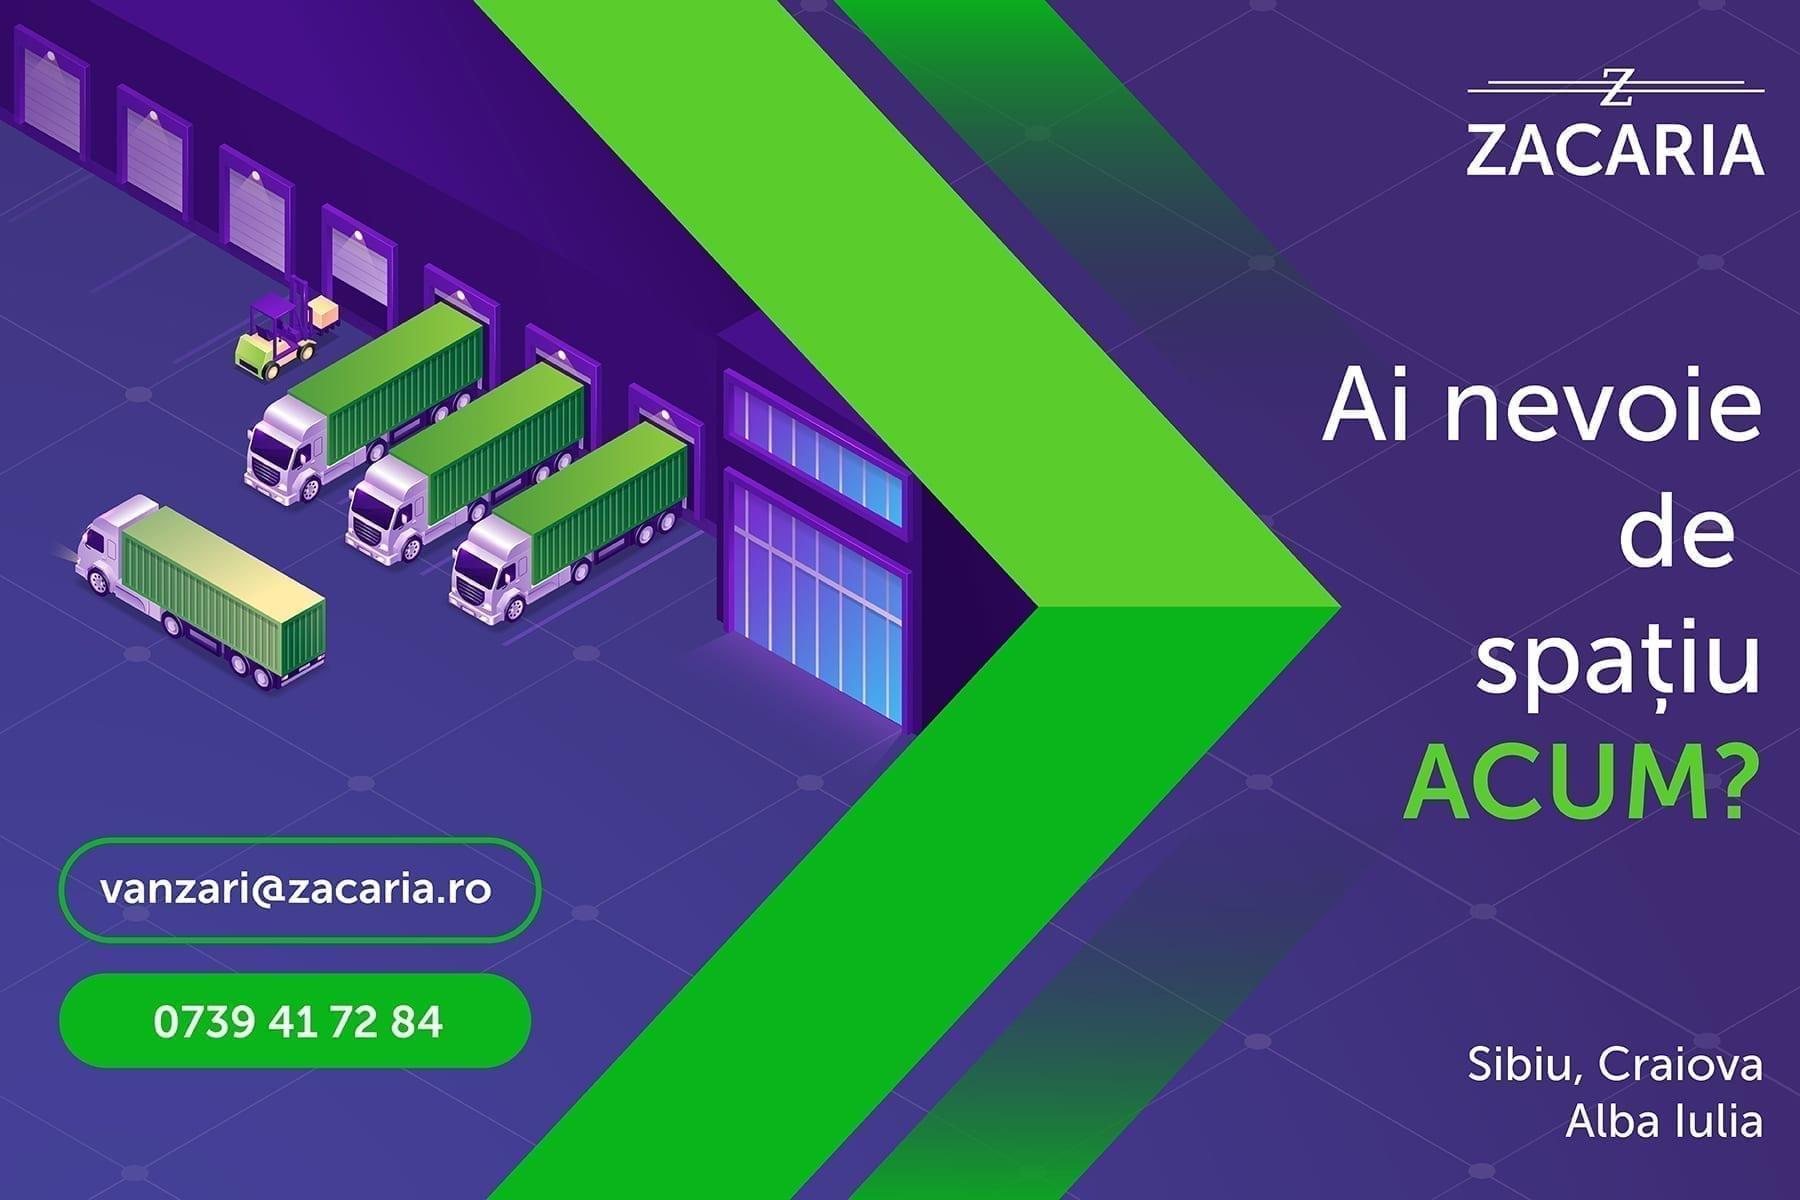 - Zacaria CTA - Zacaria oferă gratuit spații industriale ONG-urilor și instituțiilor care luptă împotriva COVID-19